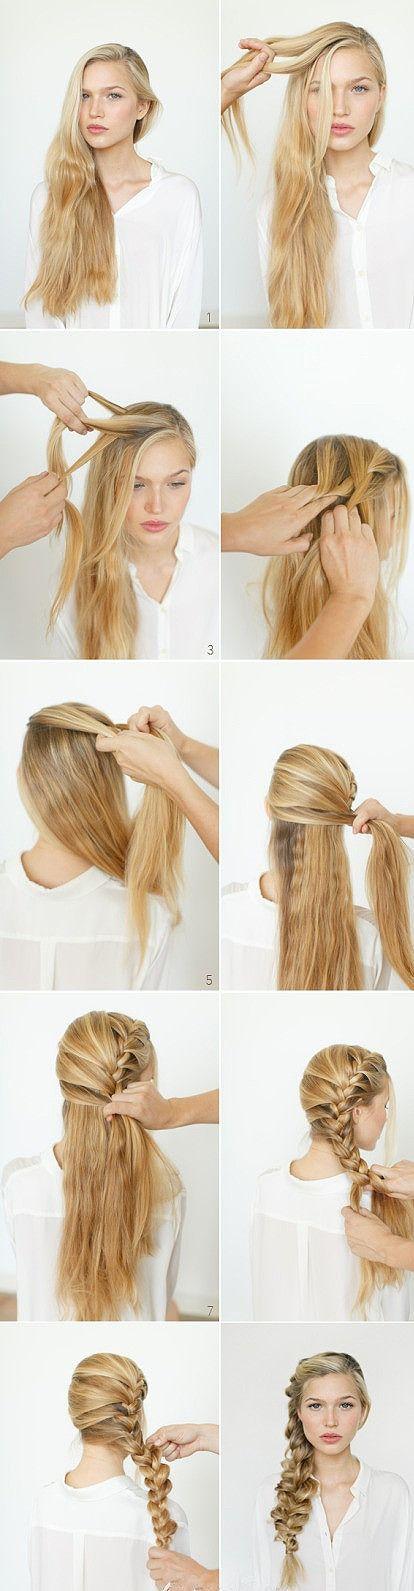 Seitlicher Französischer Zopf Frisuren In 2019 Pinterest Haar